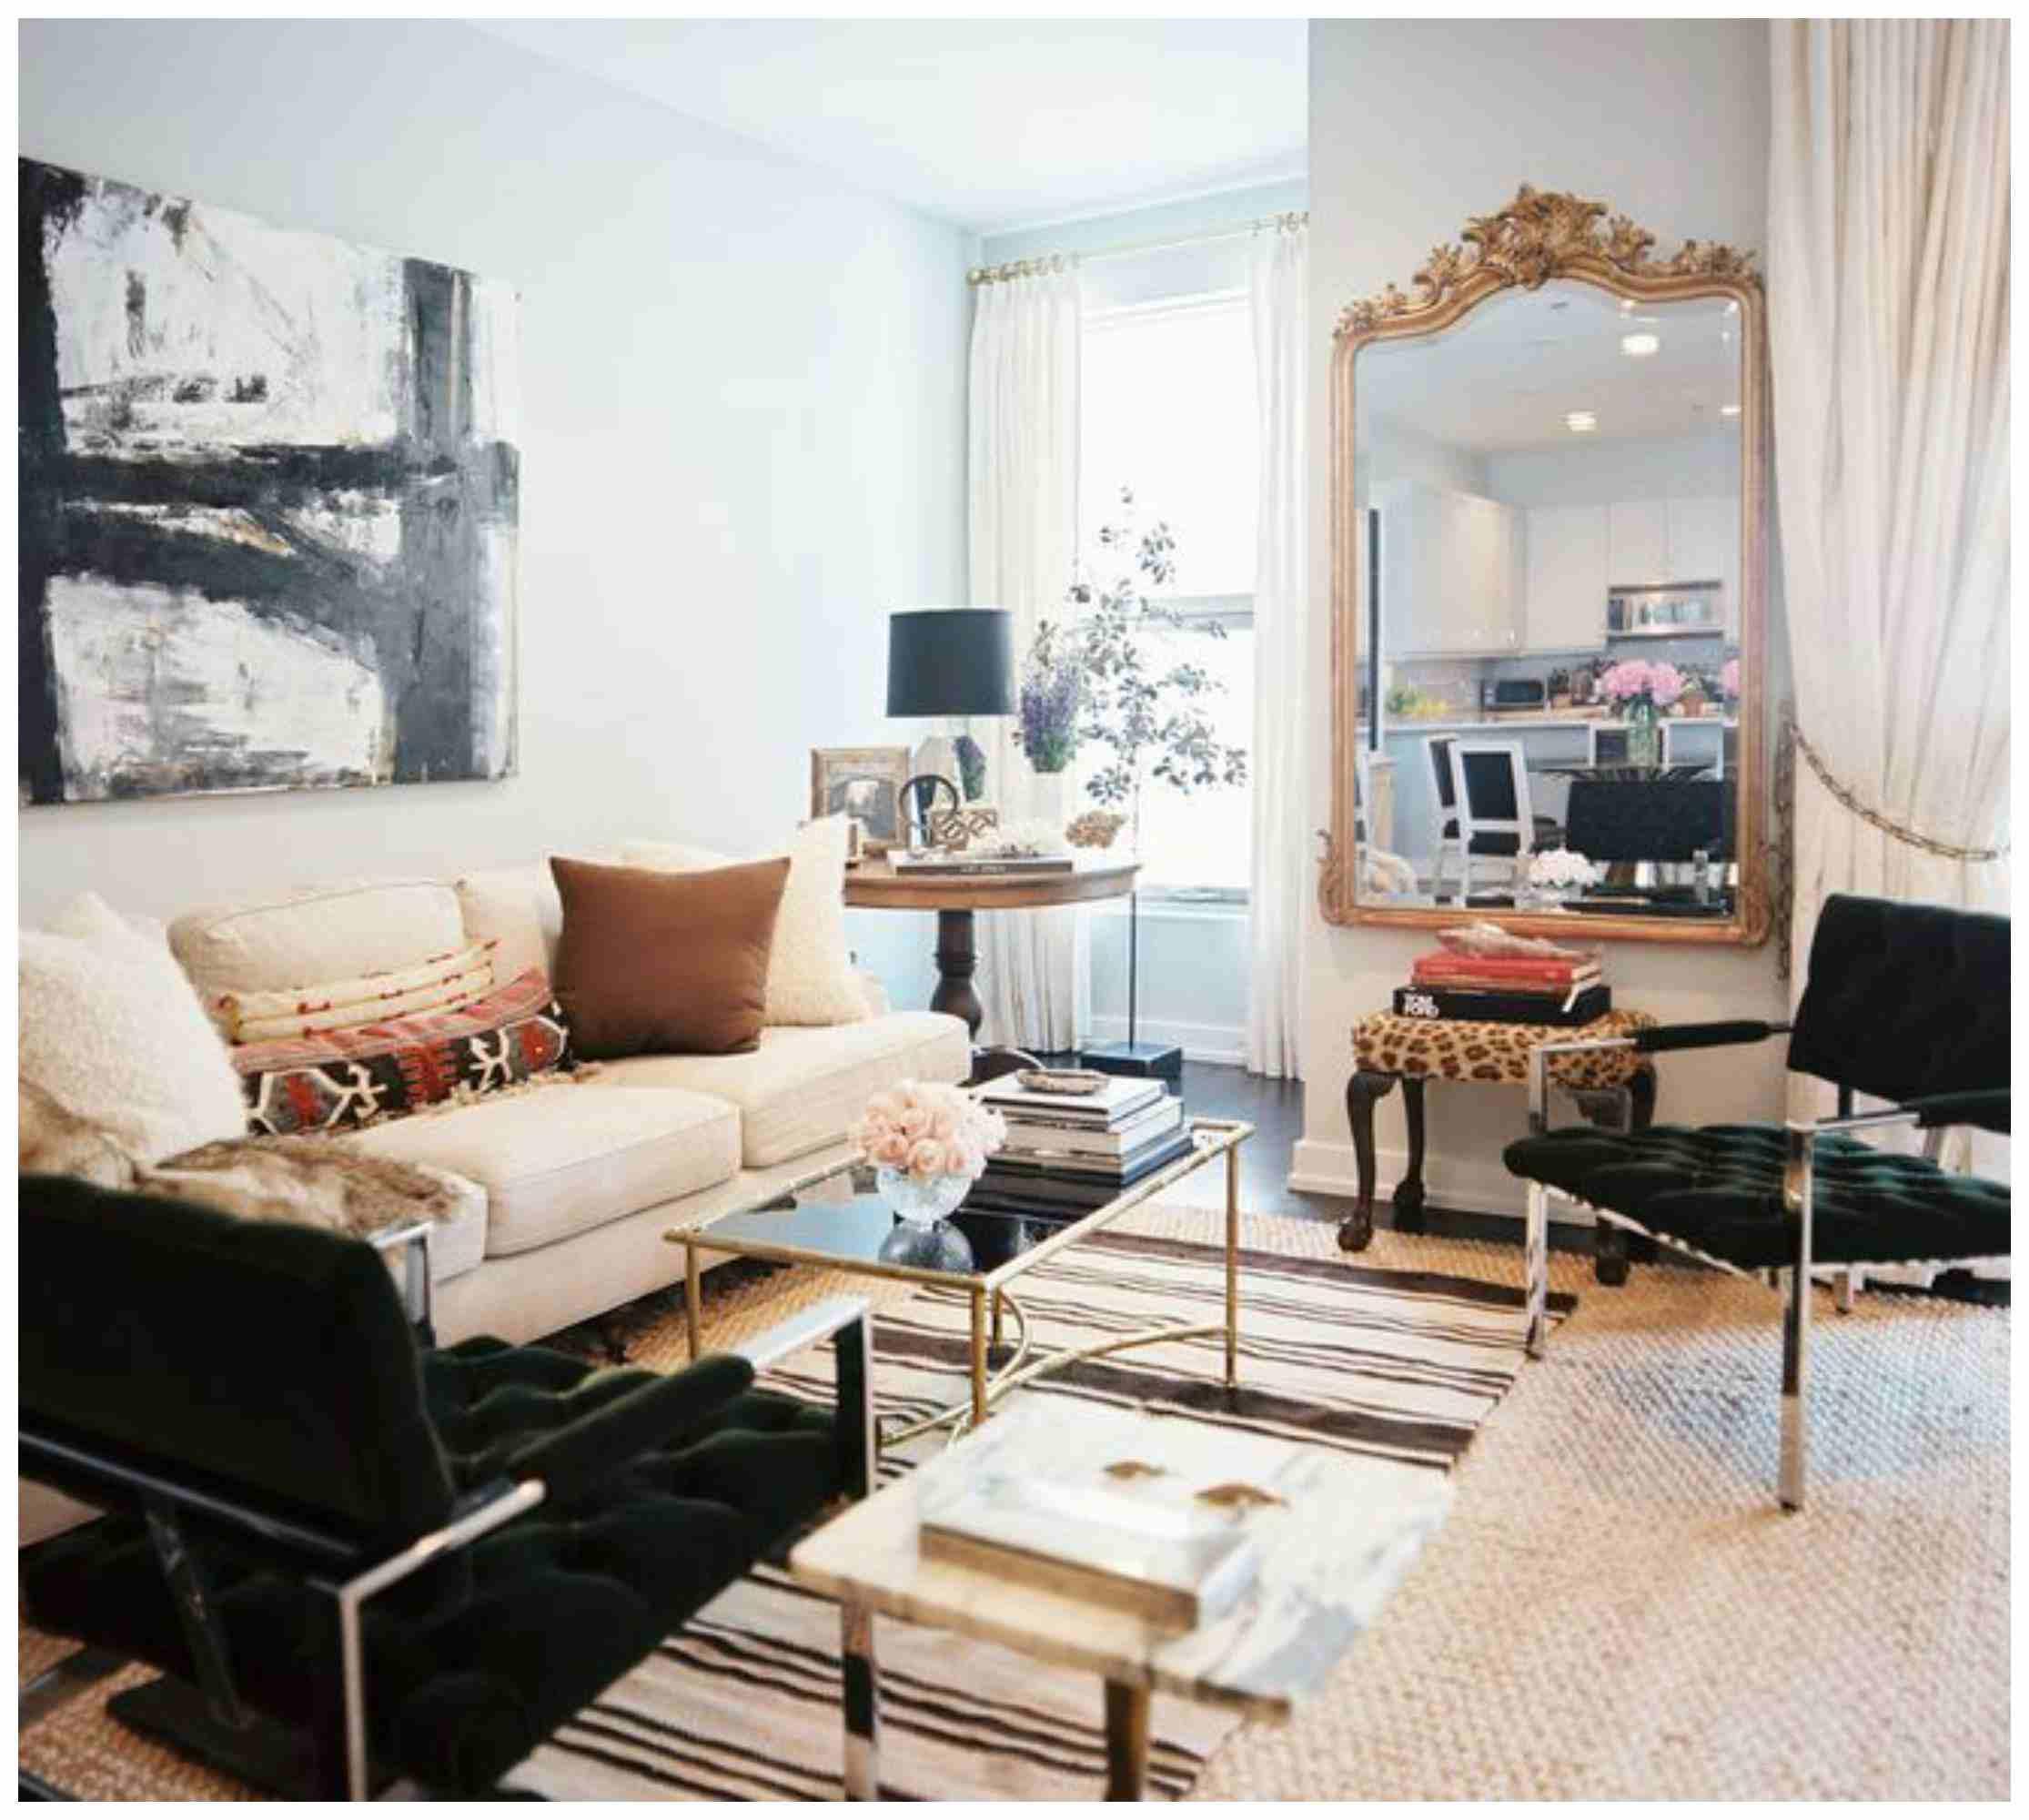 Sala pequeña con sofá beige, espejo grande, mesa de cristal y sillas marrones oscuras